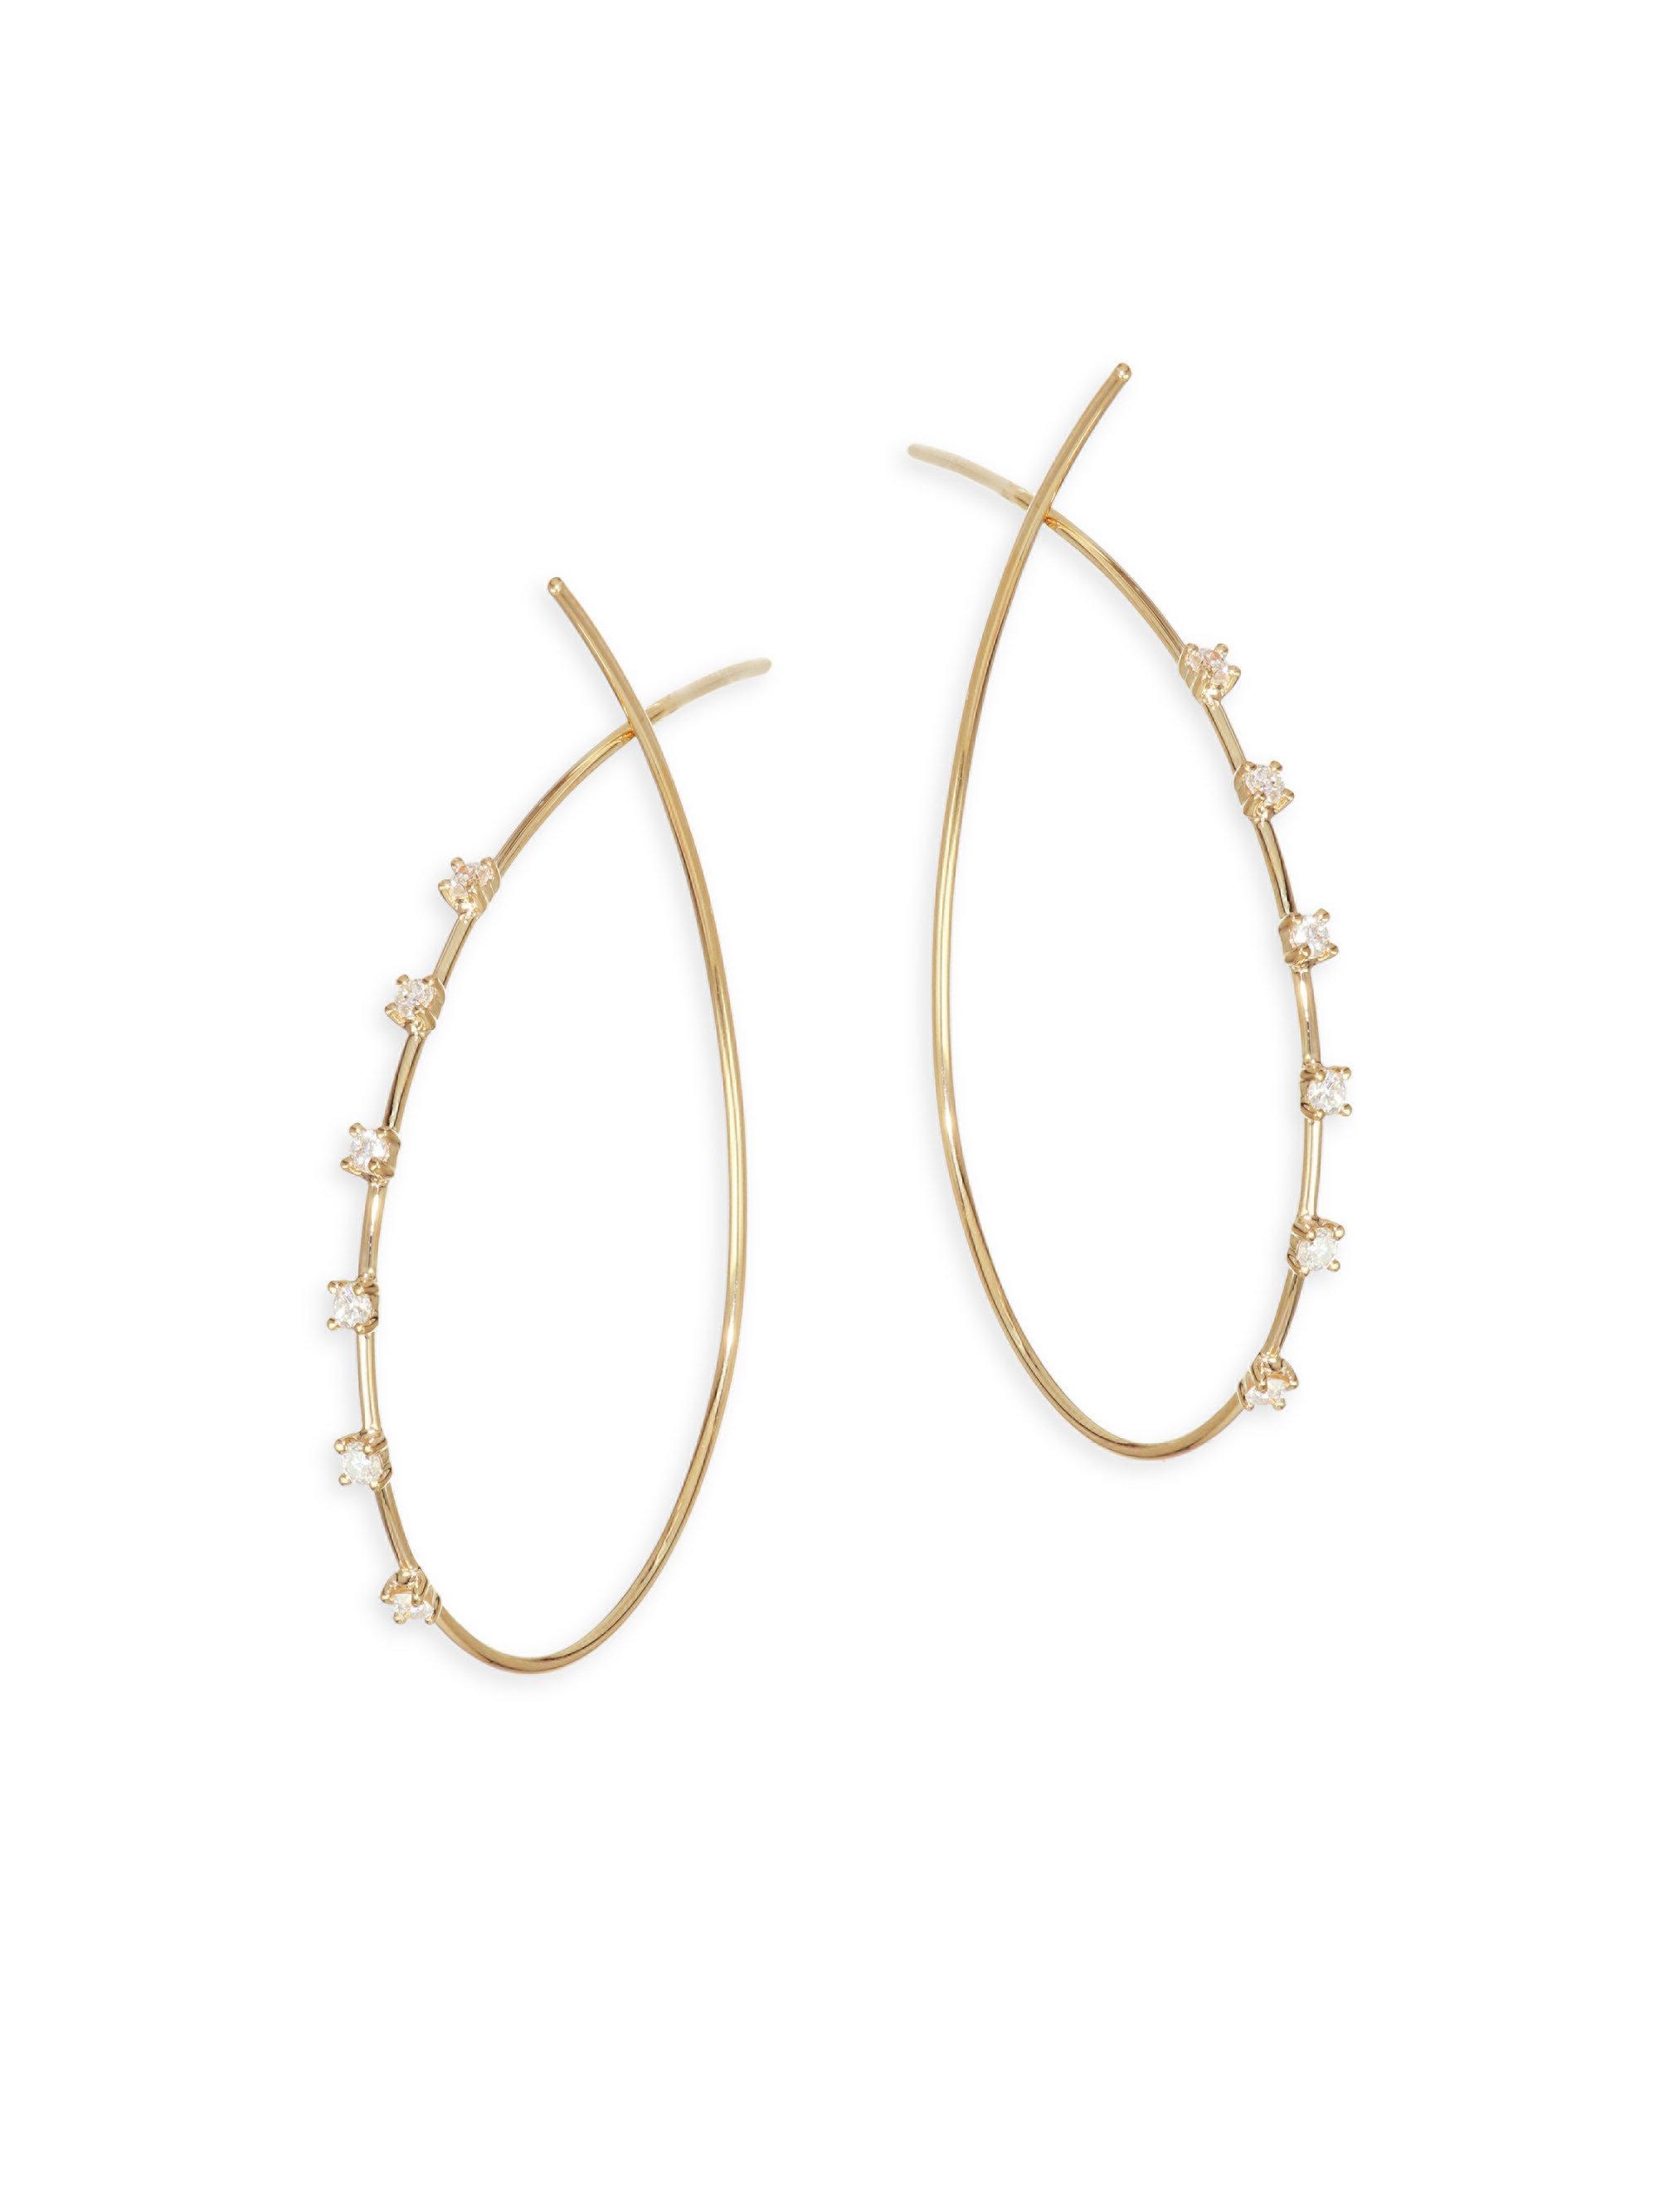 Lyst - Lana Jewelry Scattered Diamond Wire Hoop Earrings in Metallic